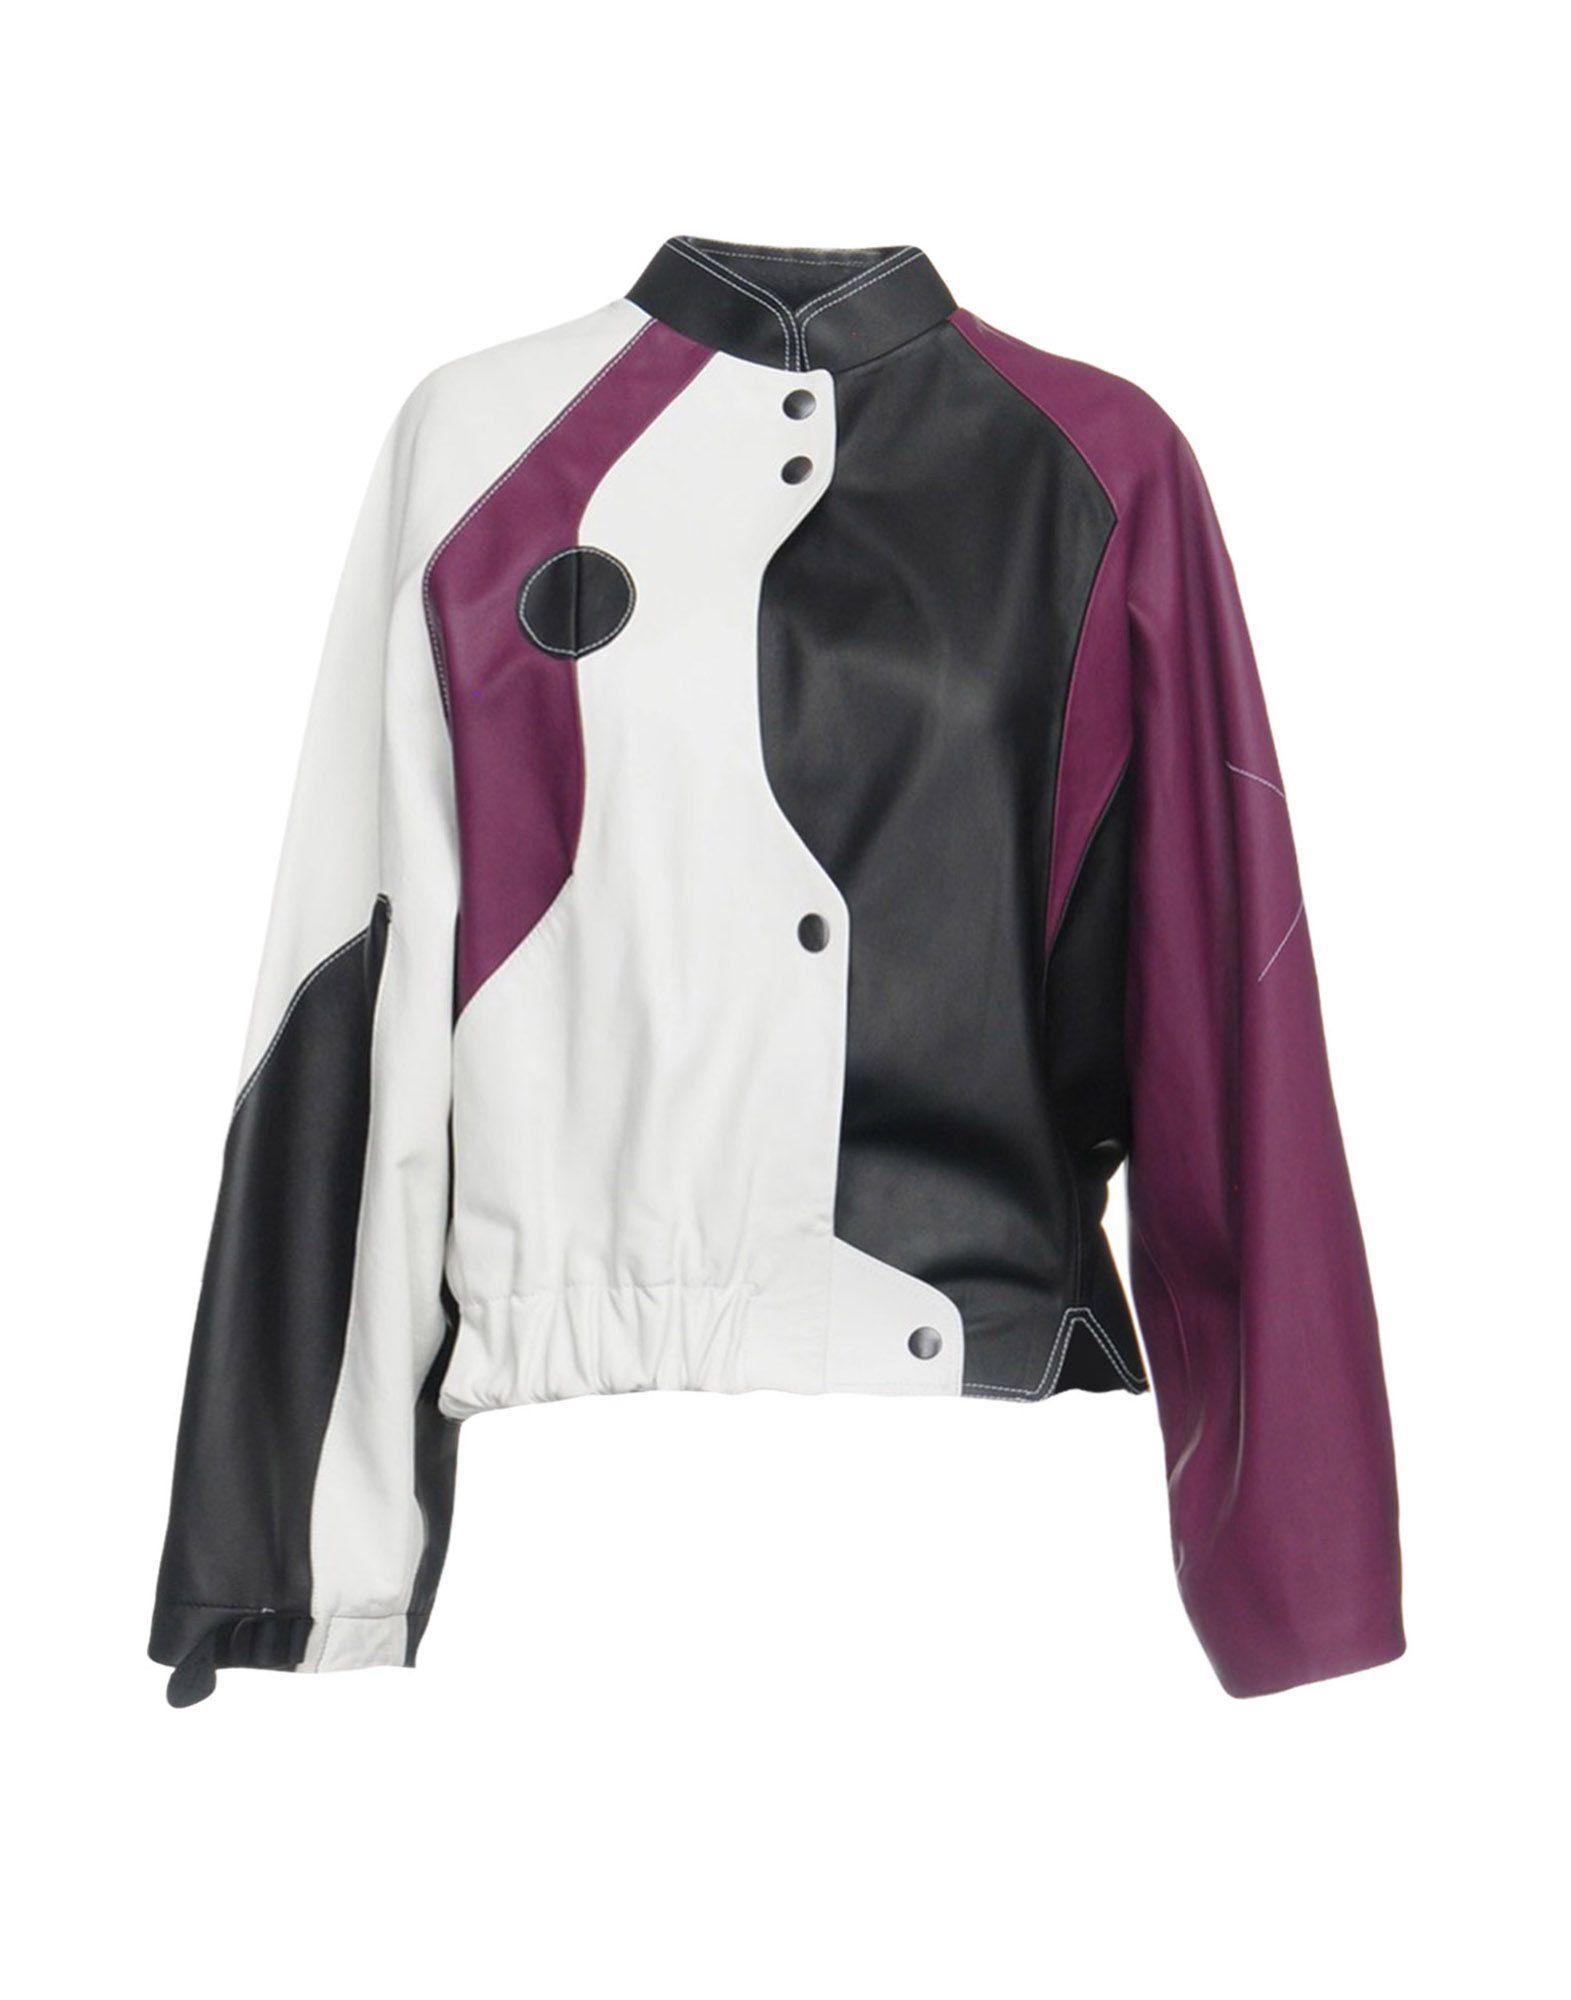 Vejas Leather Jacket In Black